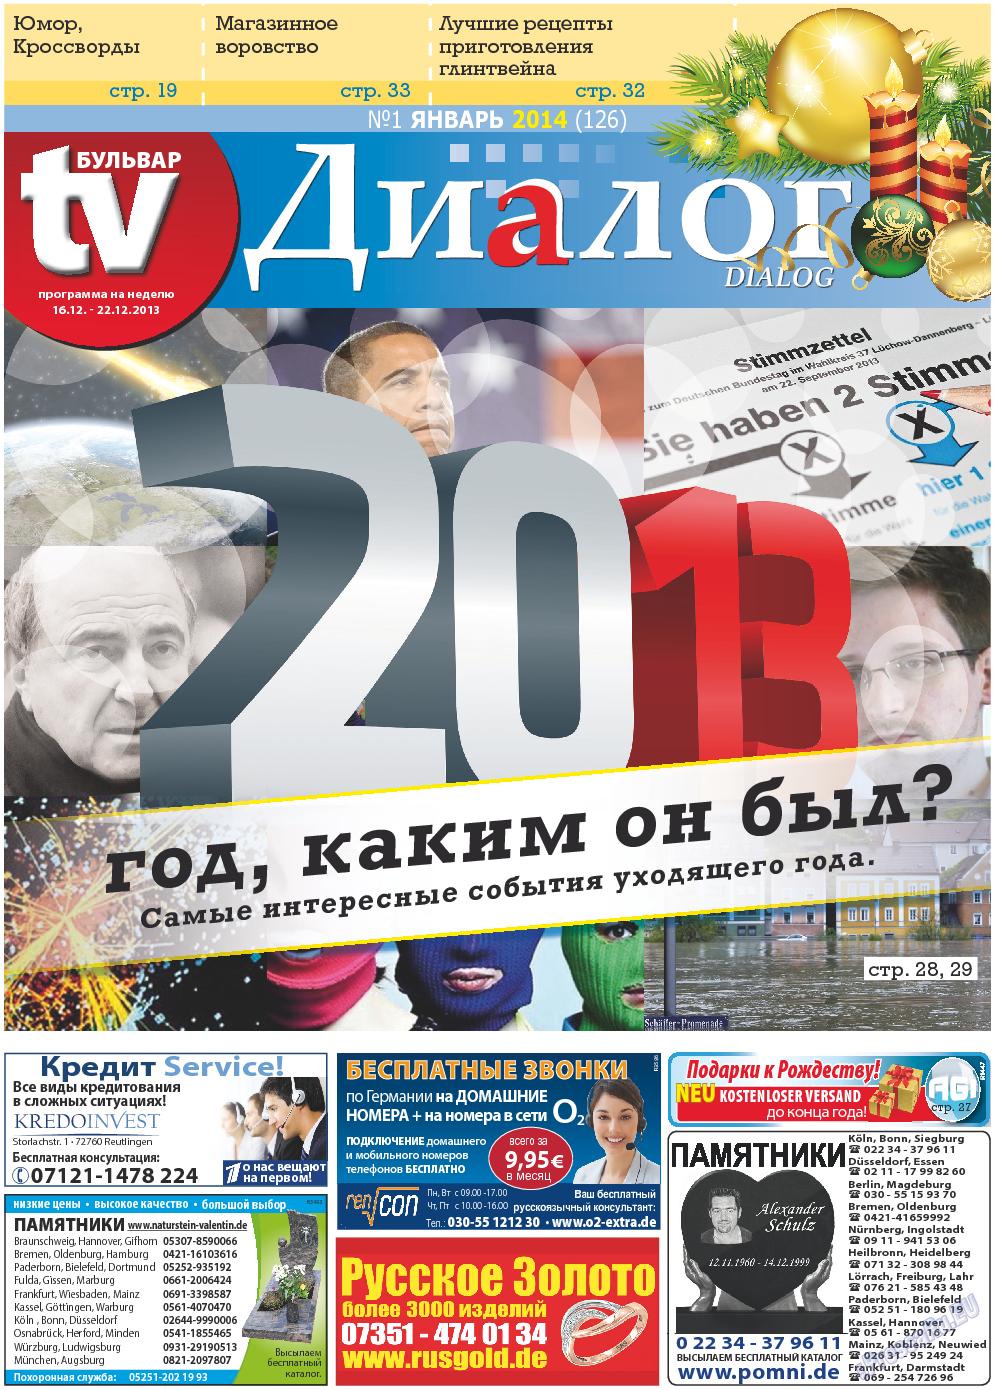 Диалог (газета). 2014 год, номер 1, стр. 1